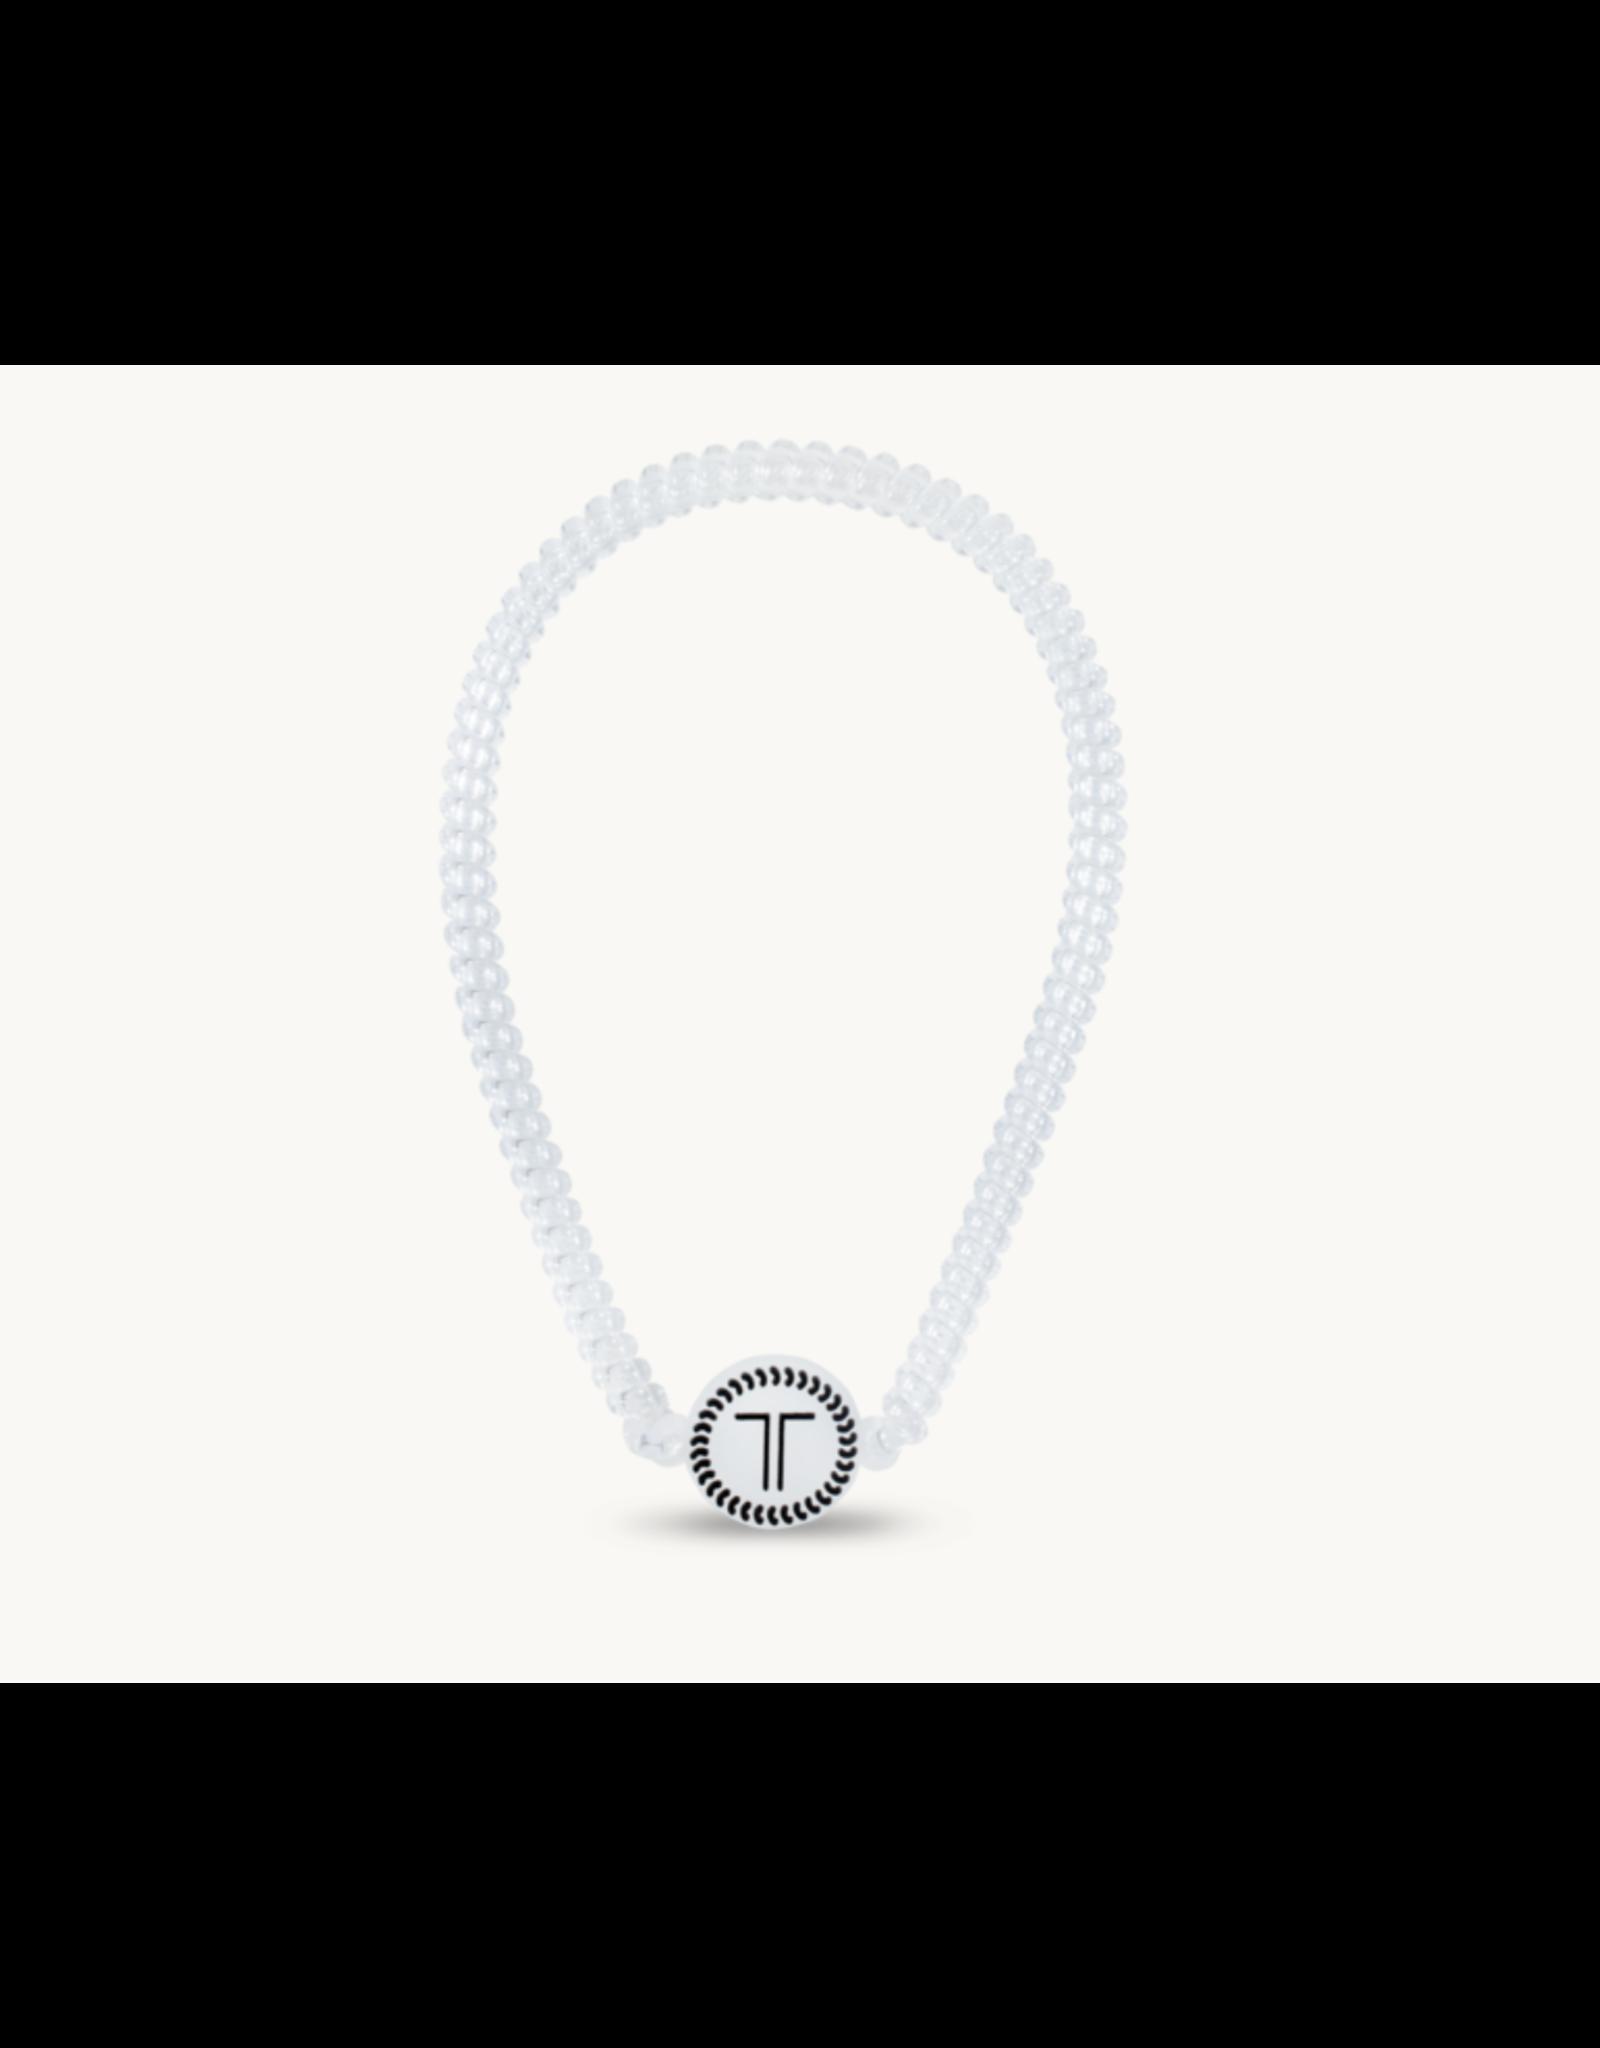 Teleties Teleties Headband